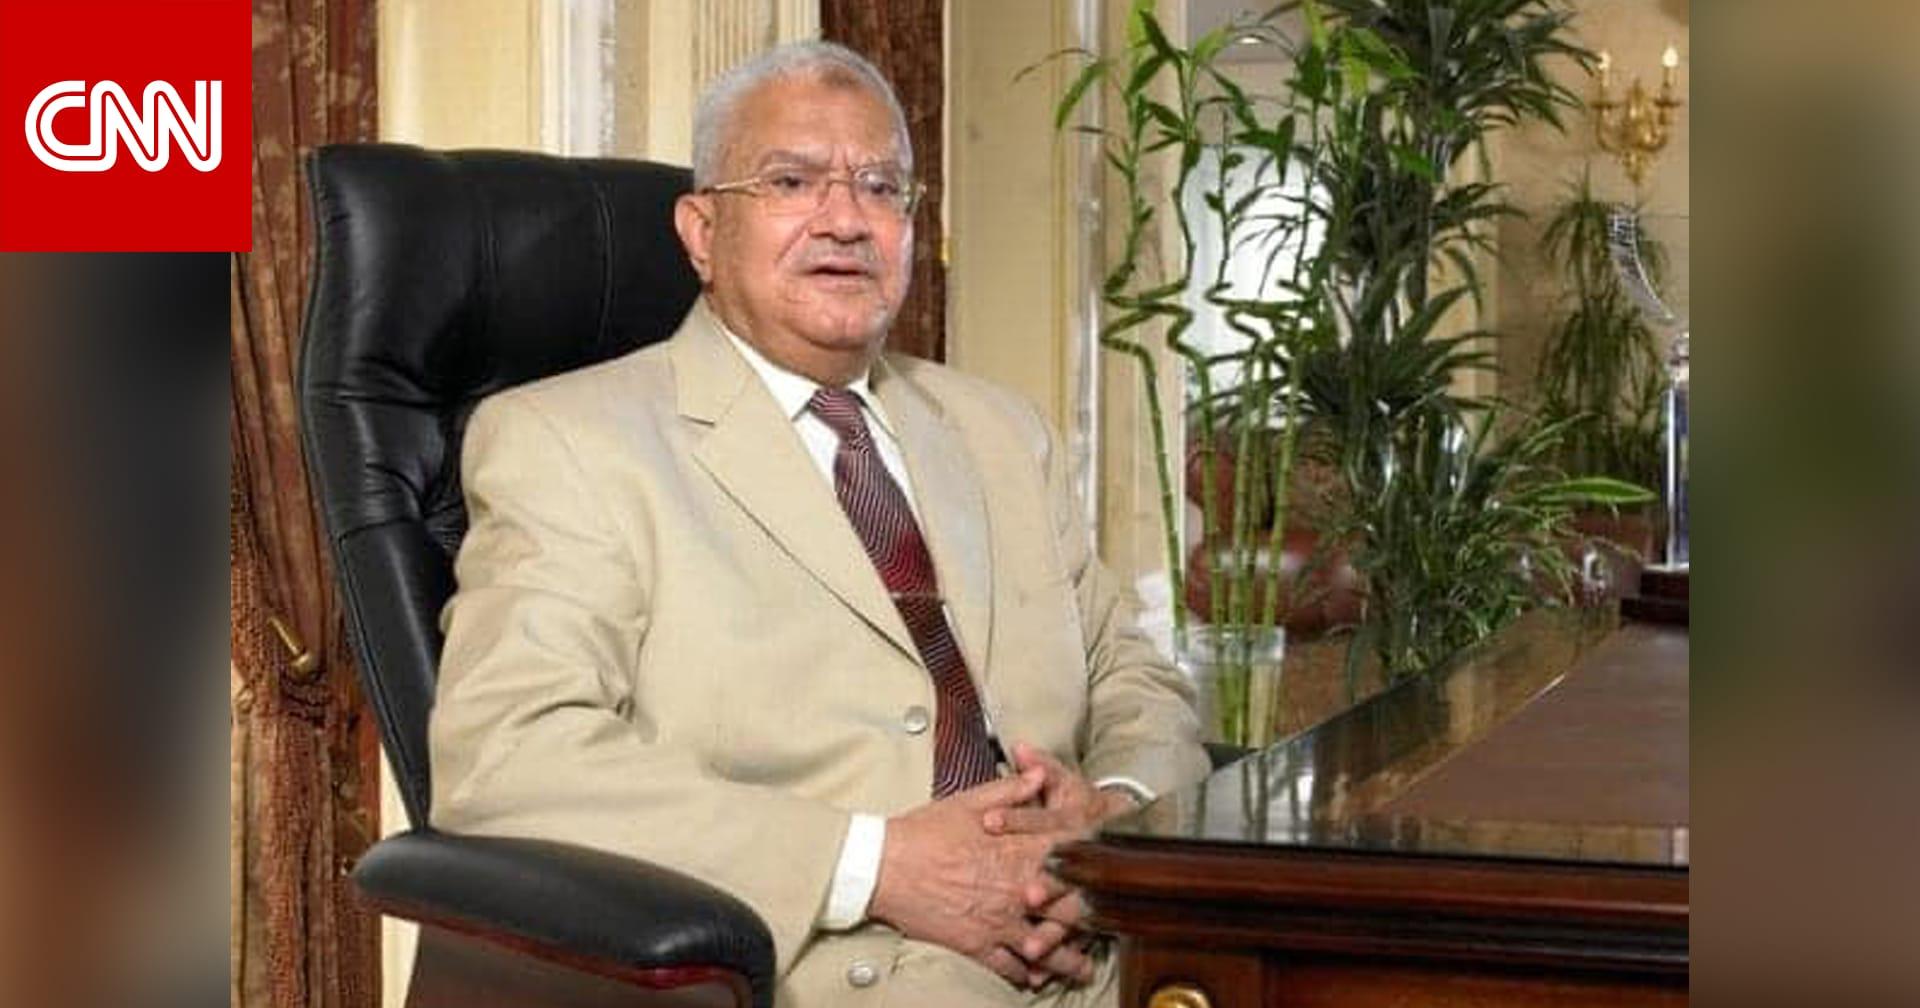 مصر تودع محمود العربي في جنازة مهيبة لم تشهدها من قبل لرجل أعمال